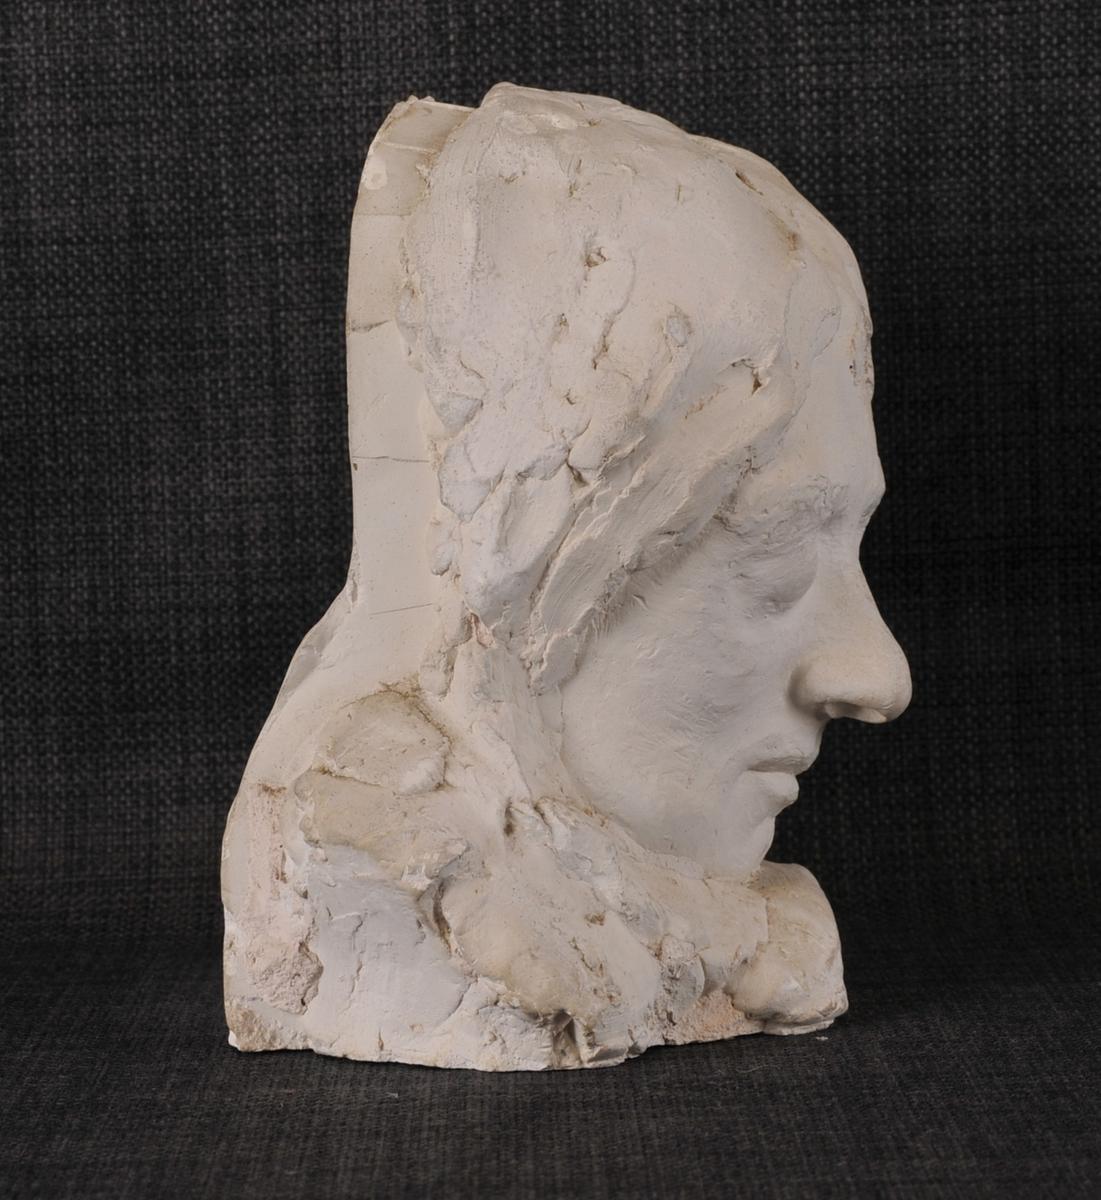 Eit kvinneandlet, maske (?) som er hol inni. Augo er lukka og andletet er omkransa av hår.